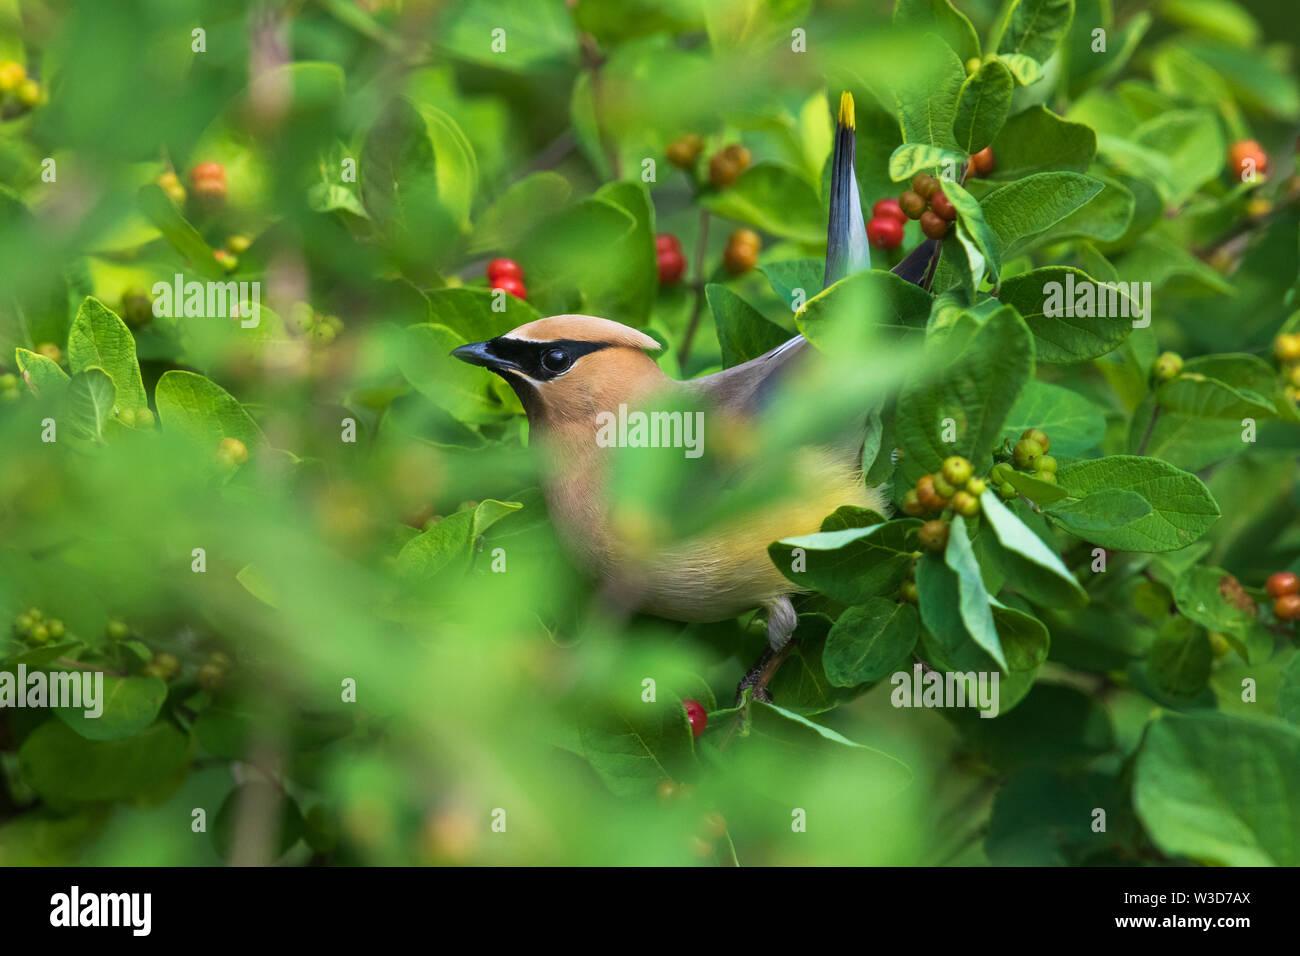 Cedar waxwing alimentando una Morrow's honeysuckle bush. Imagen De Stock